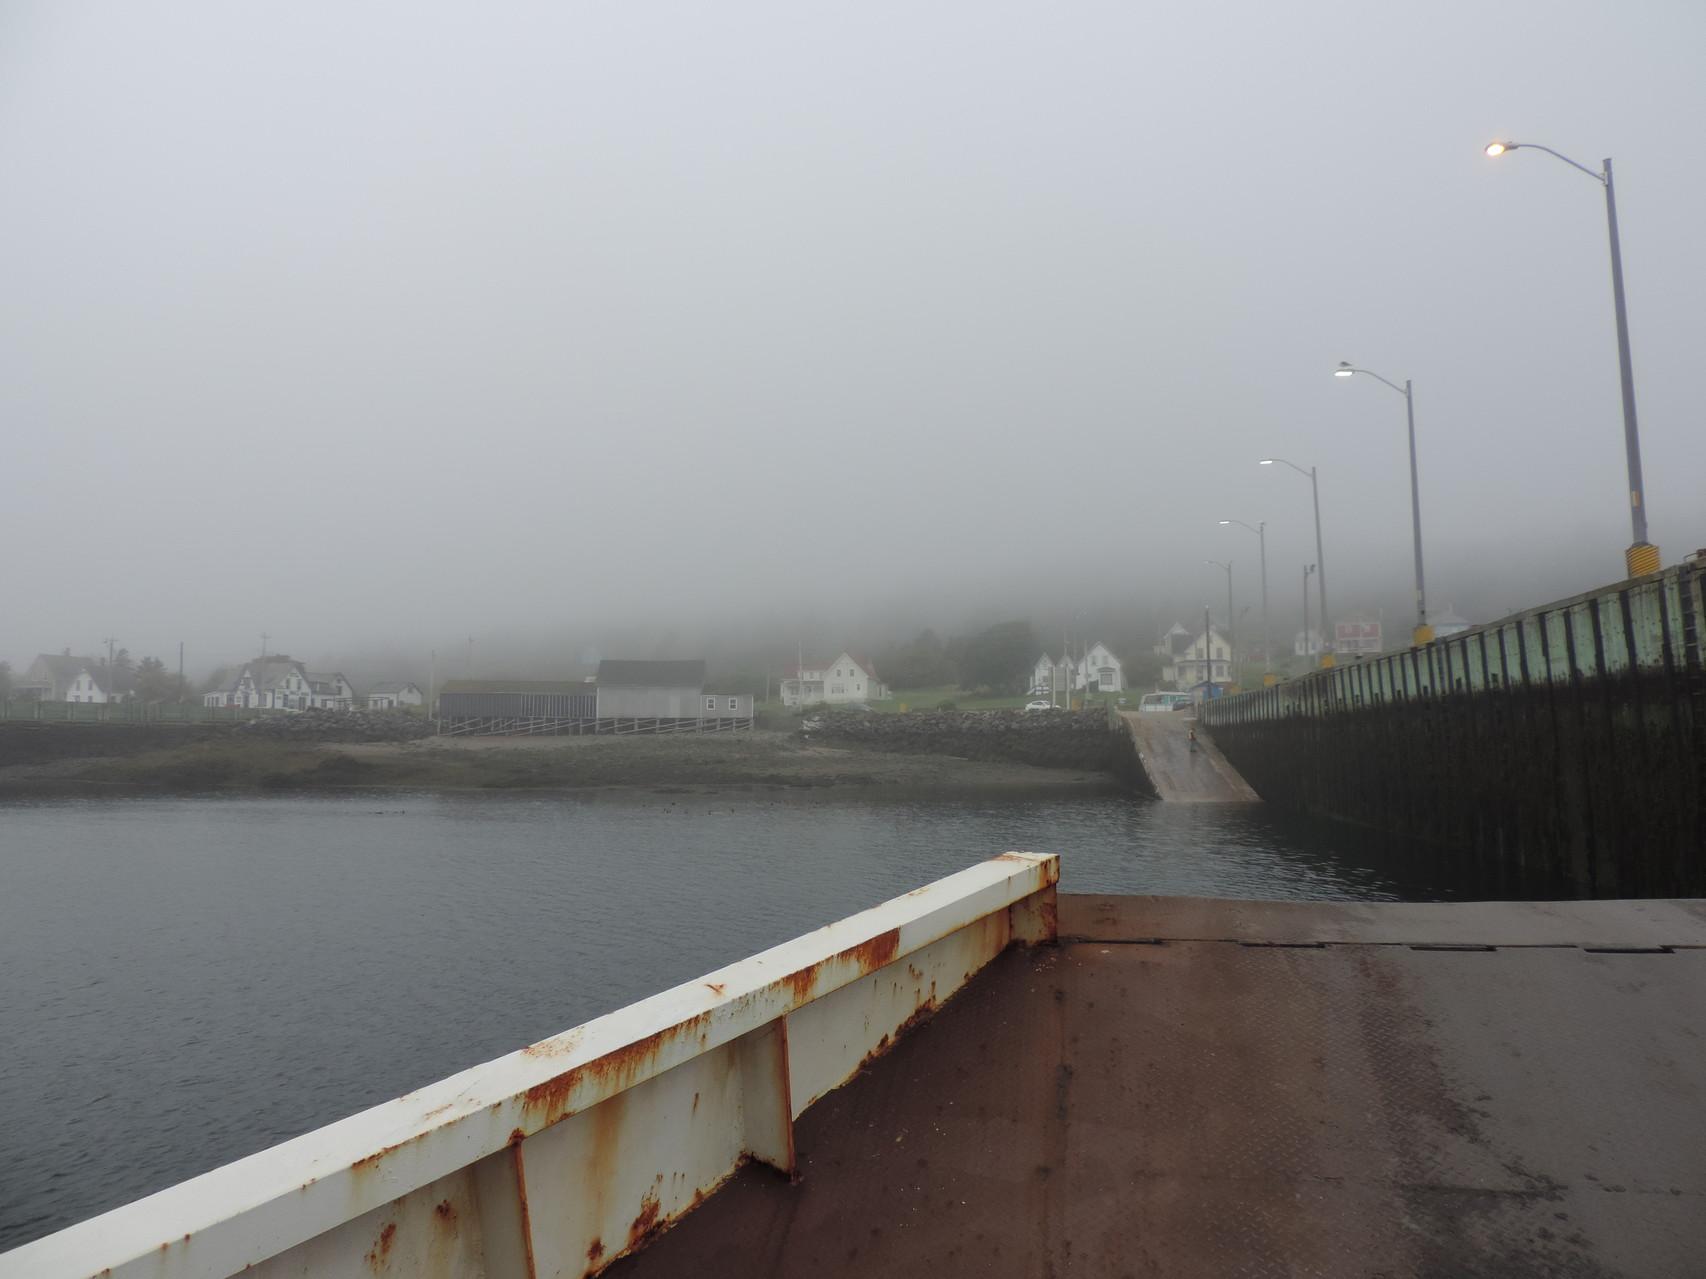 Überfahrt im Nebel